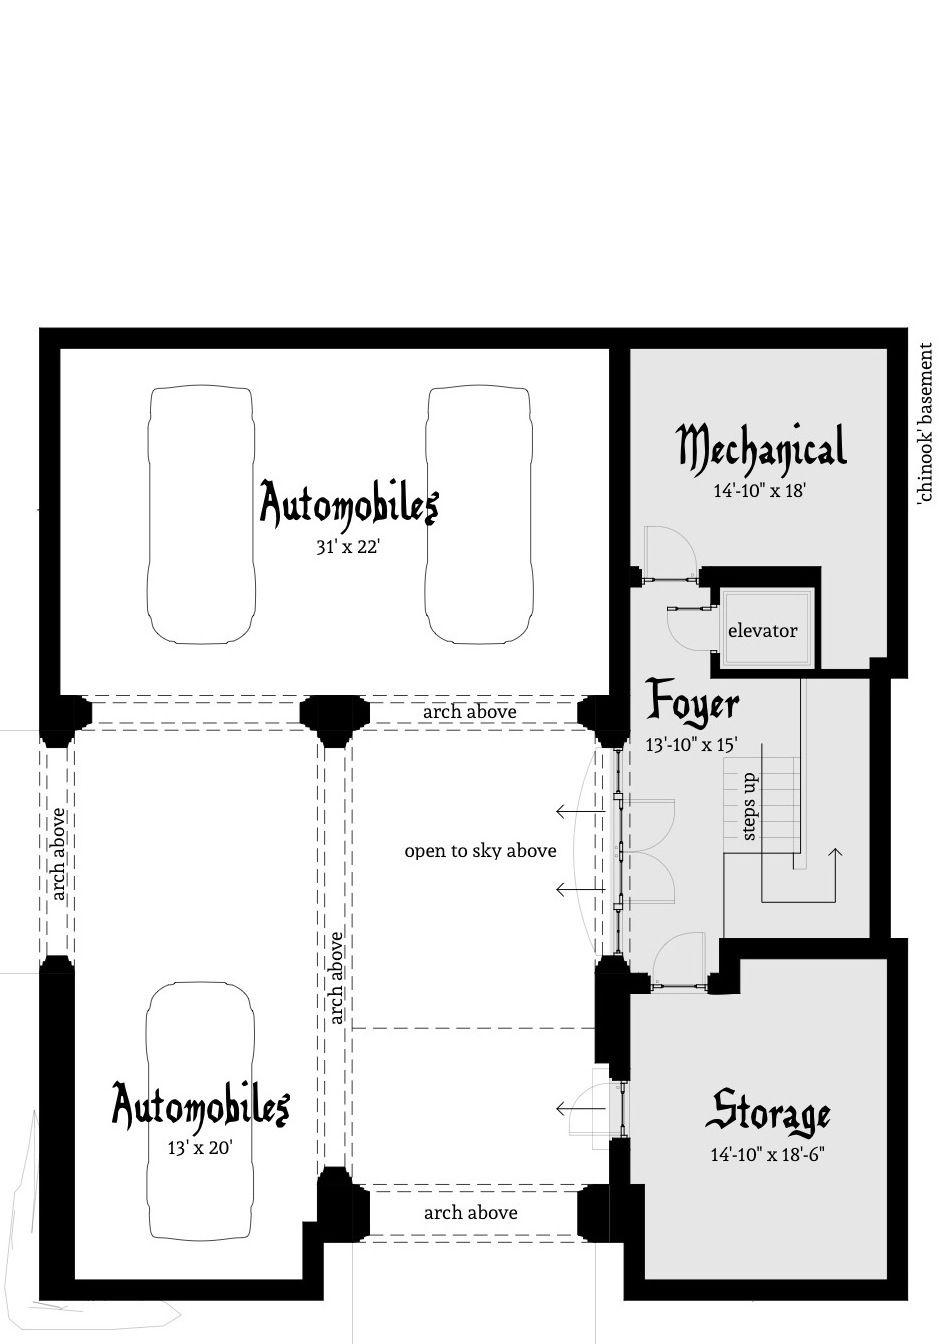 Maisons sur mesure · basement floor plan